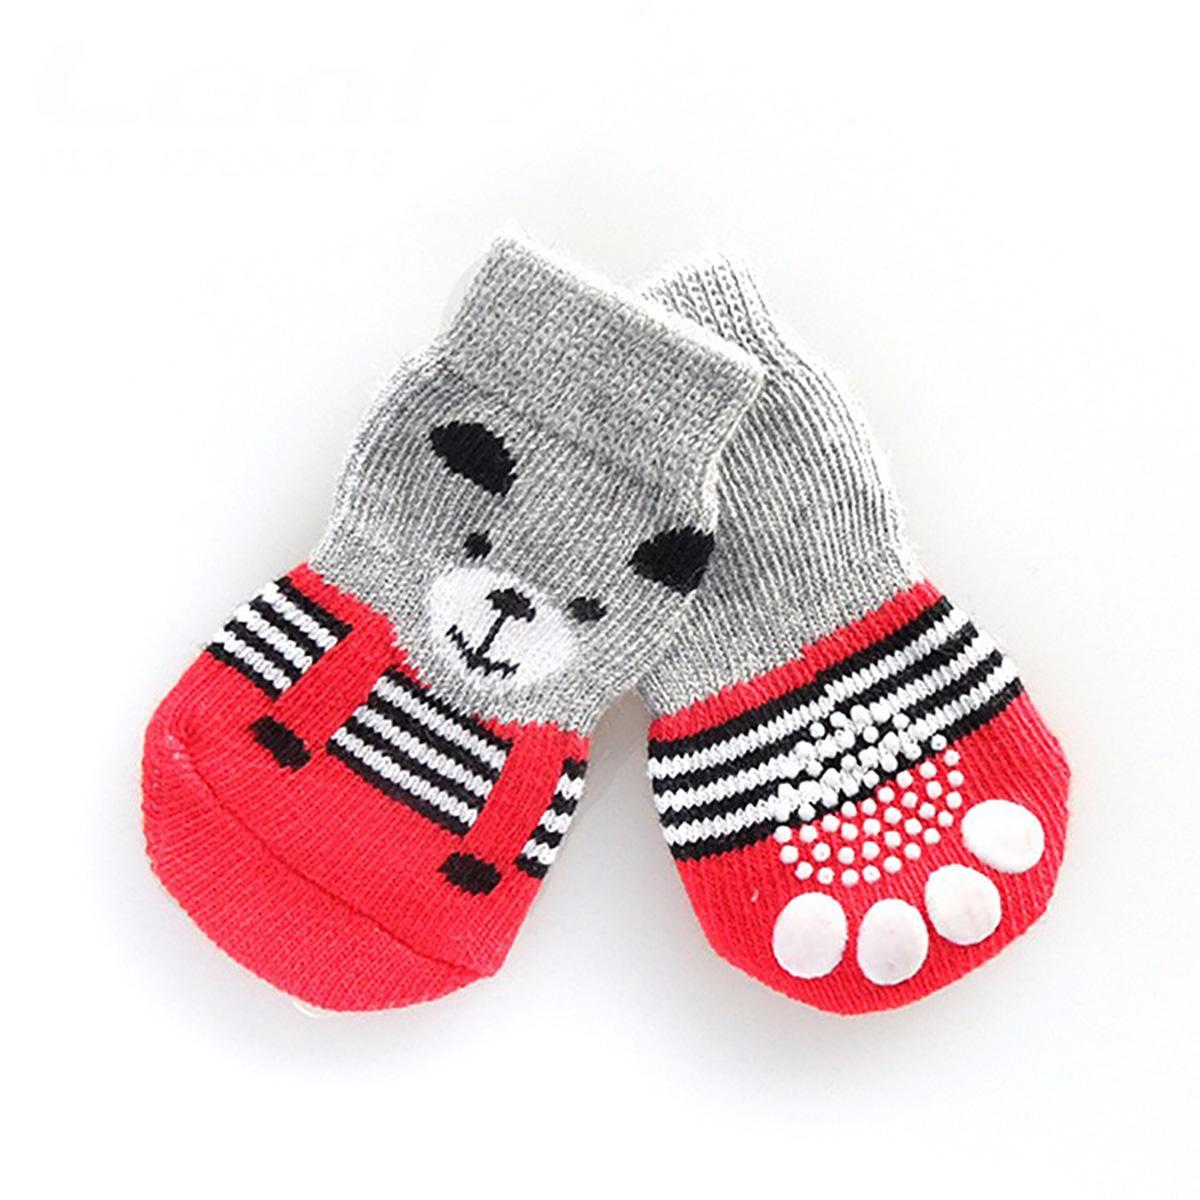 Teddy Bear Dog Socks - Red